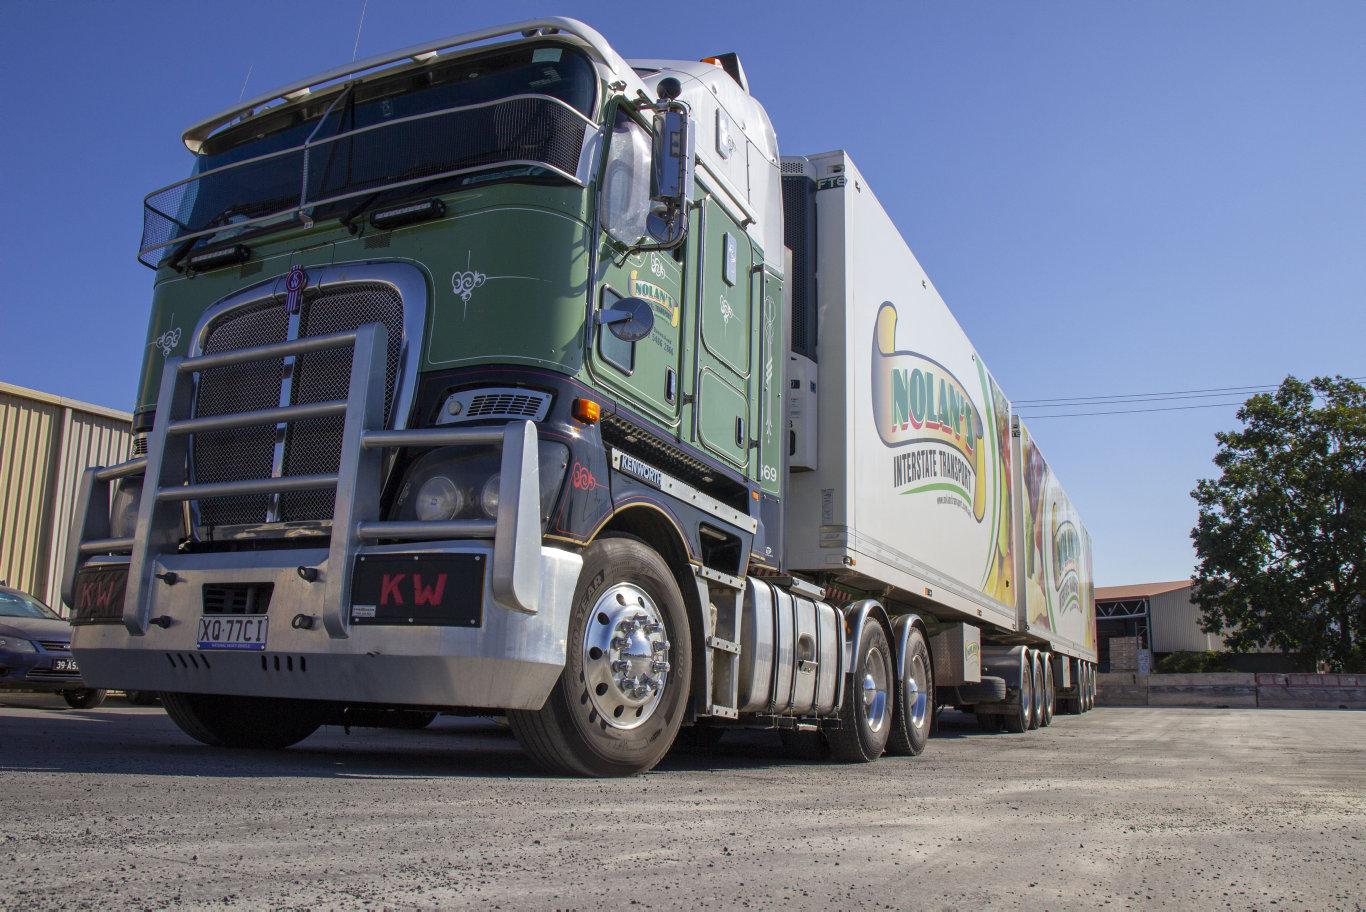 Trucks at the Nolan Interstate Transport depot in Gatton, Queensland.